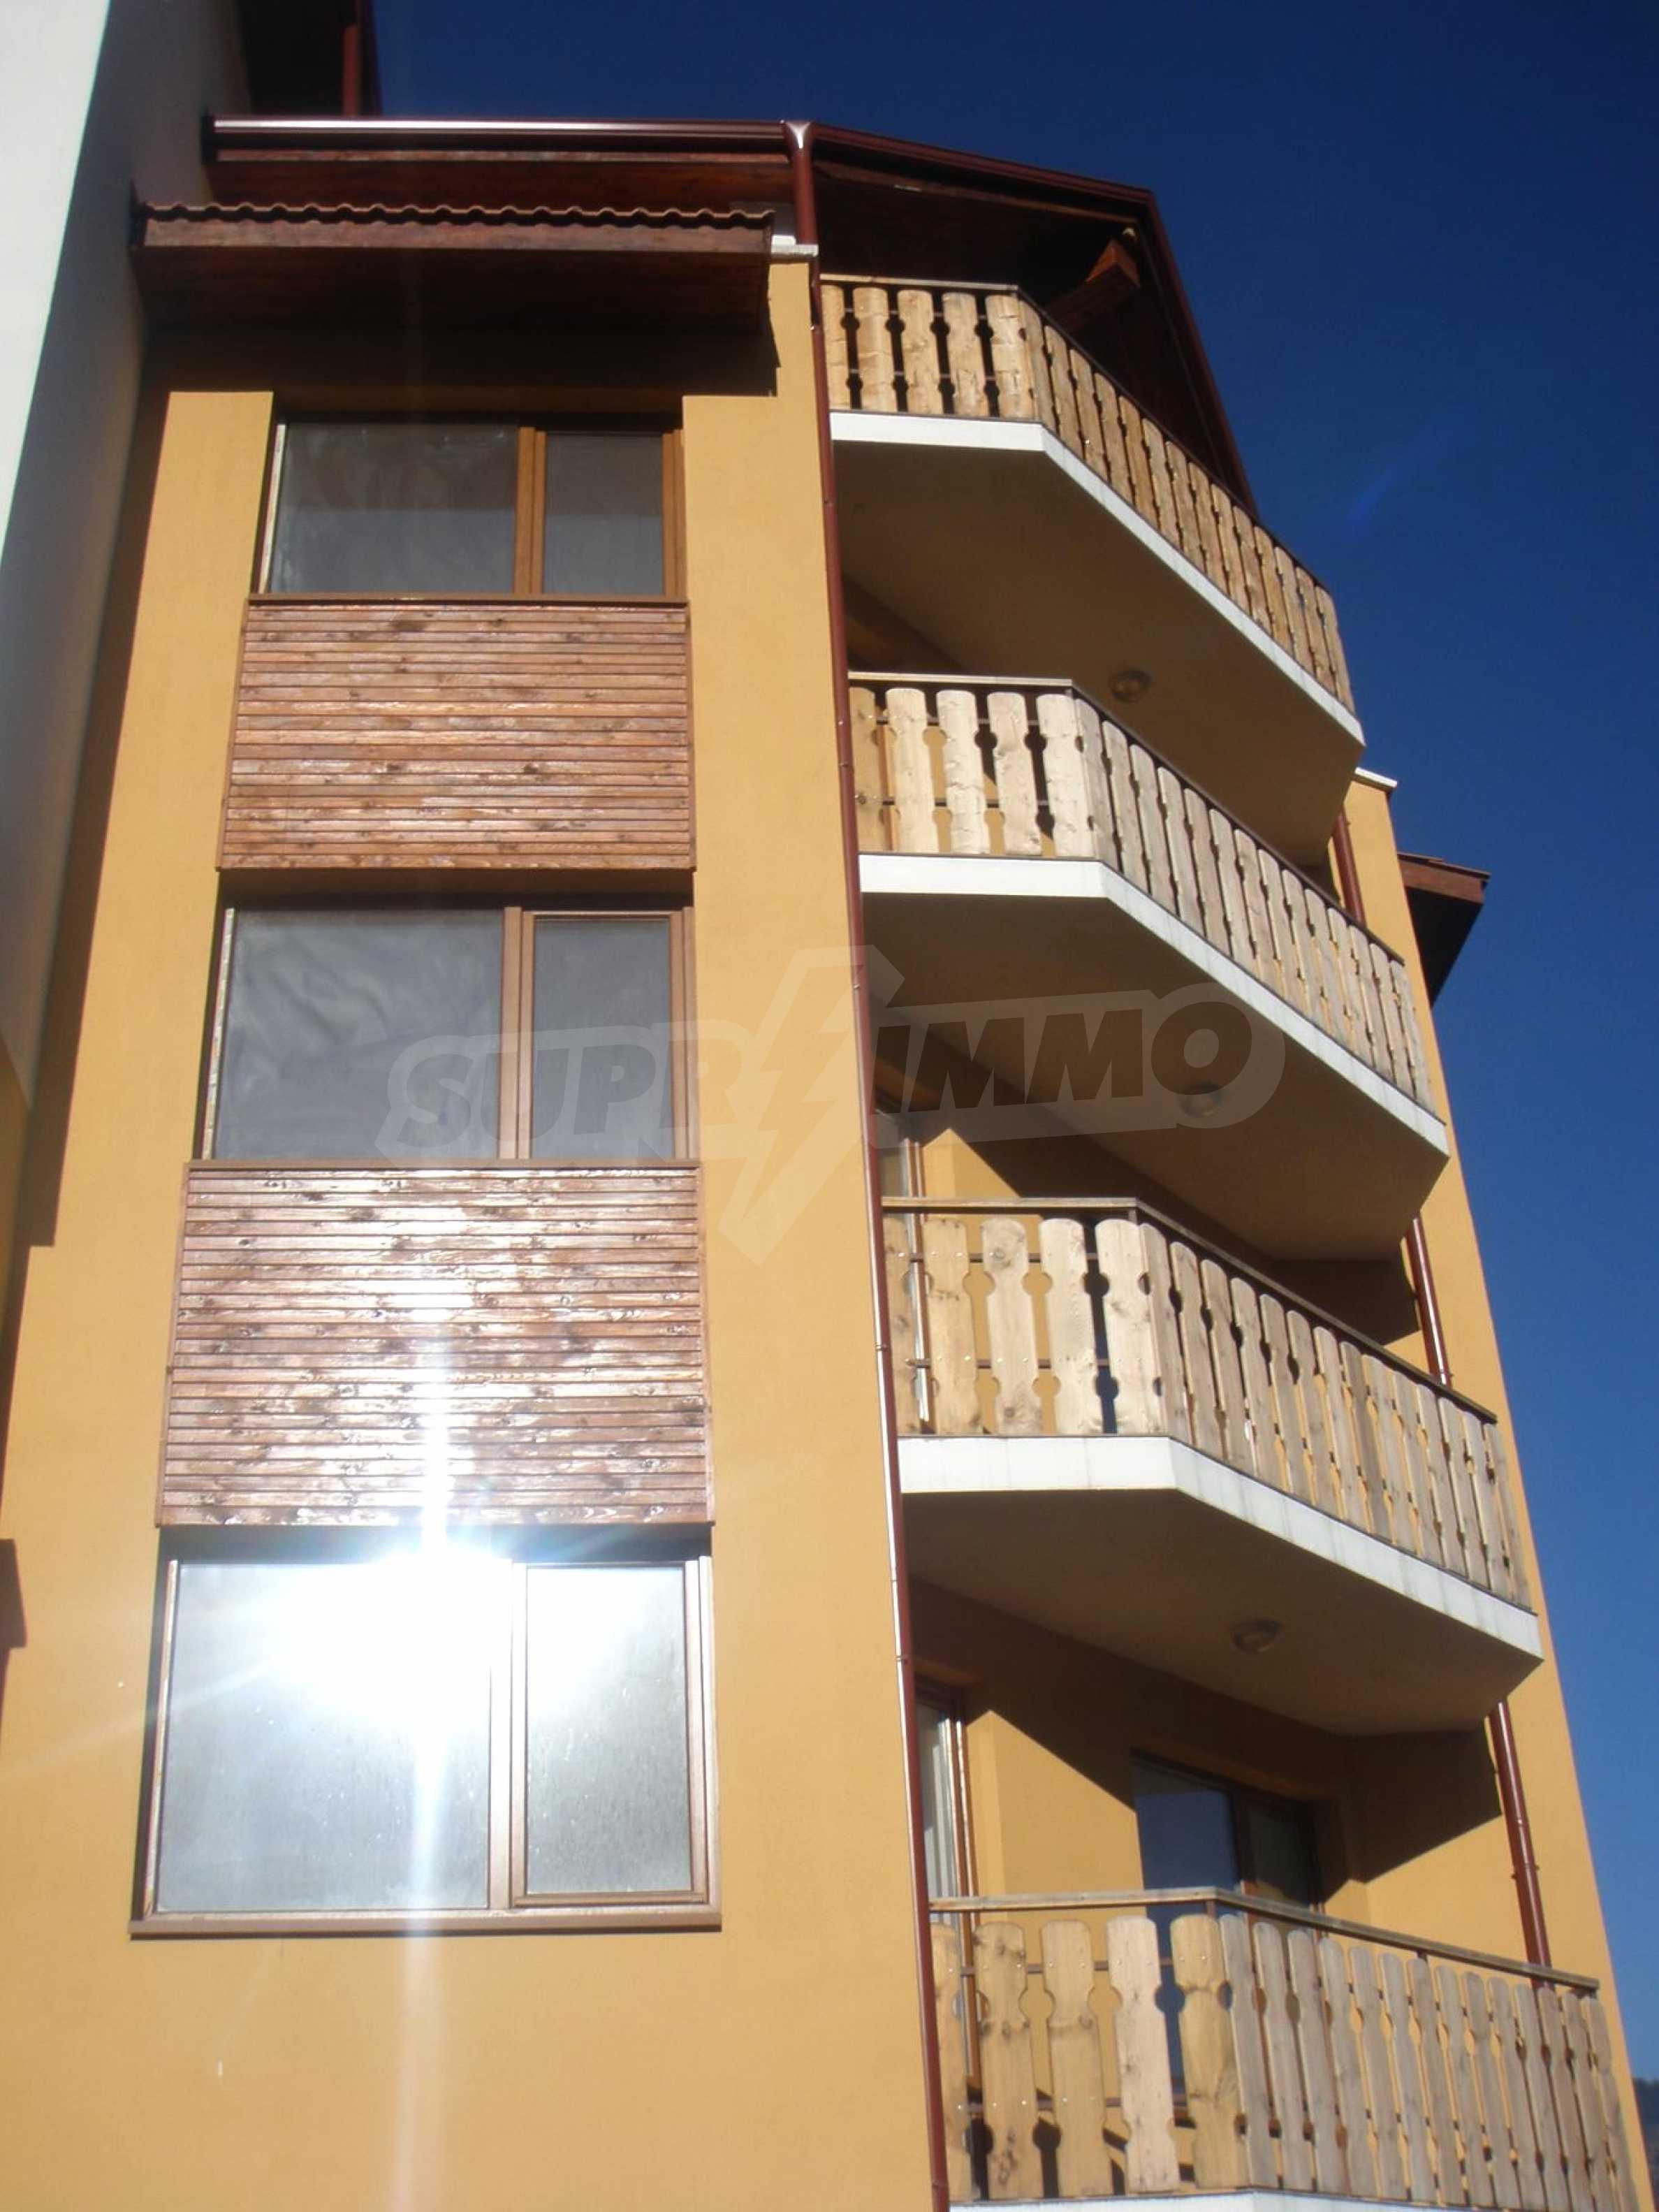 Ваканционни апартаменти без такса поддръжка, на 5 мин от ски писта в Чепеларе 2